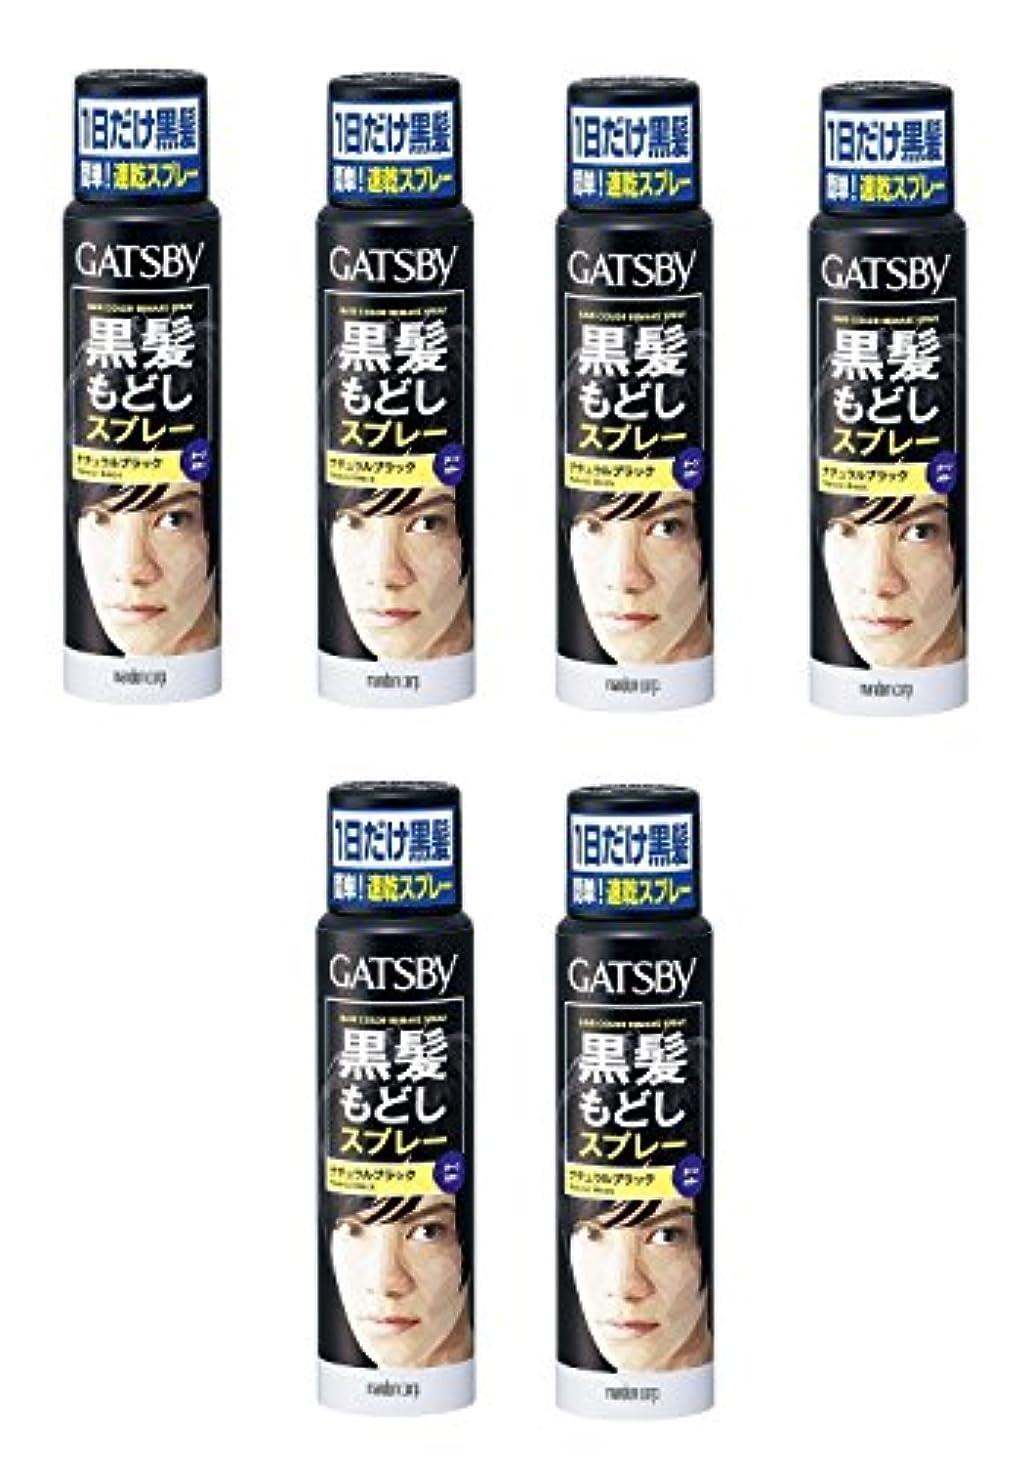 テレマコス見分けるダース【まとめ買い】GATSBY (ギャツビー) ターンカラースプレー ナチュラルブラック 60g×6個